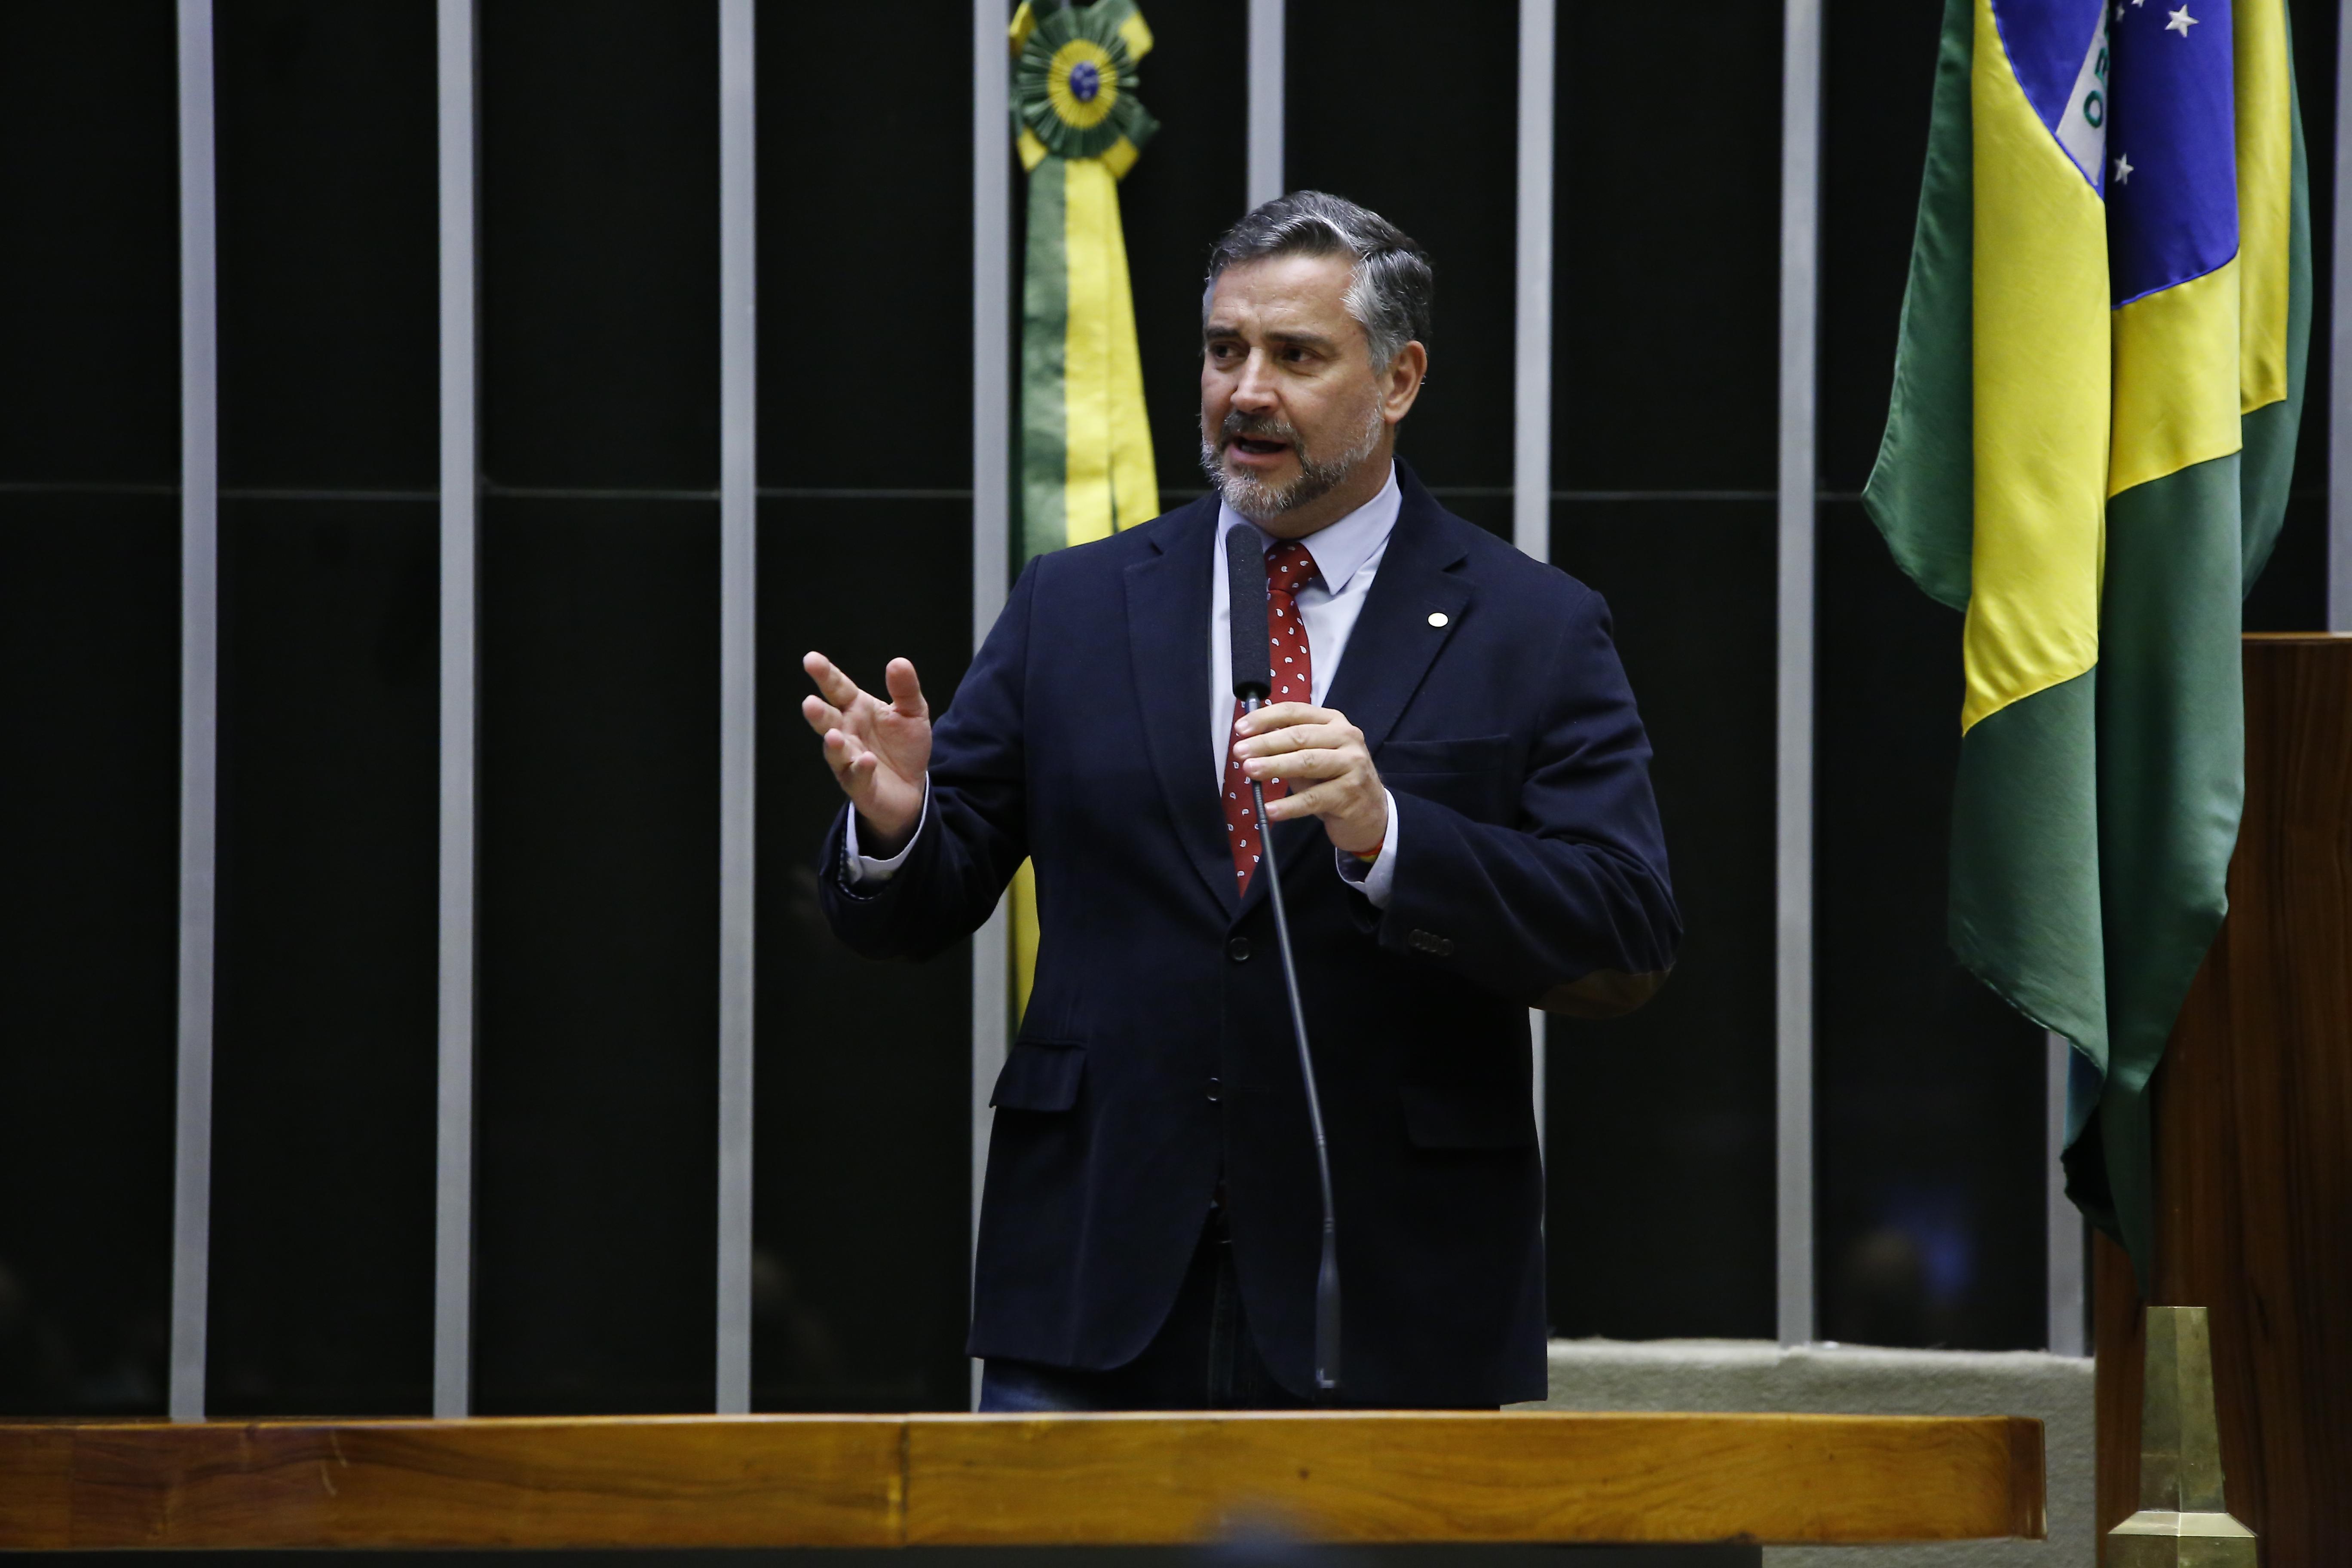 Sessão Extraordinária - Deputado Paulo Pimenta - PT / RS